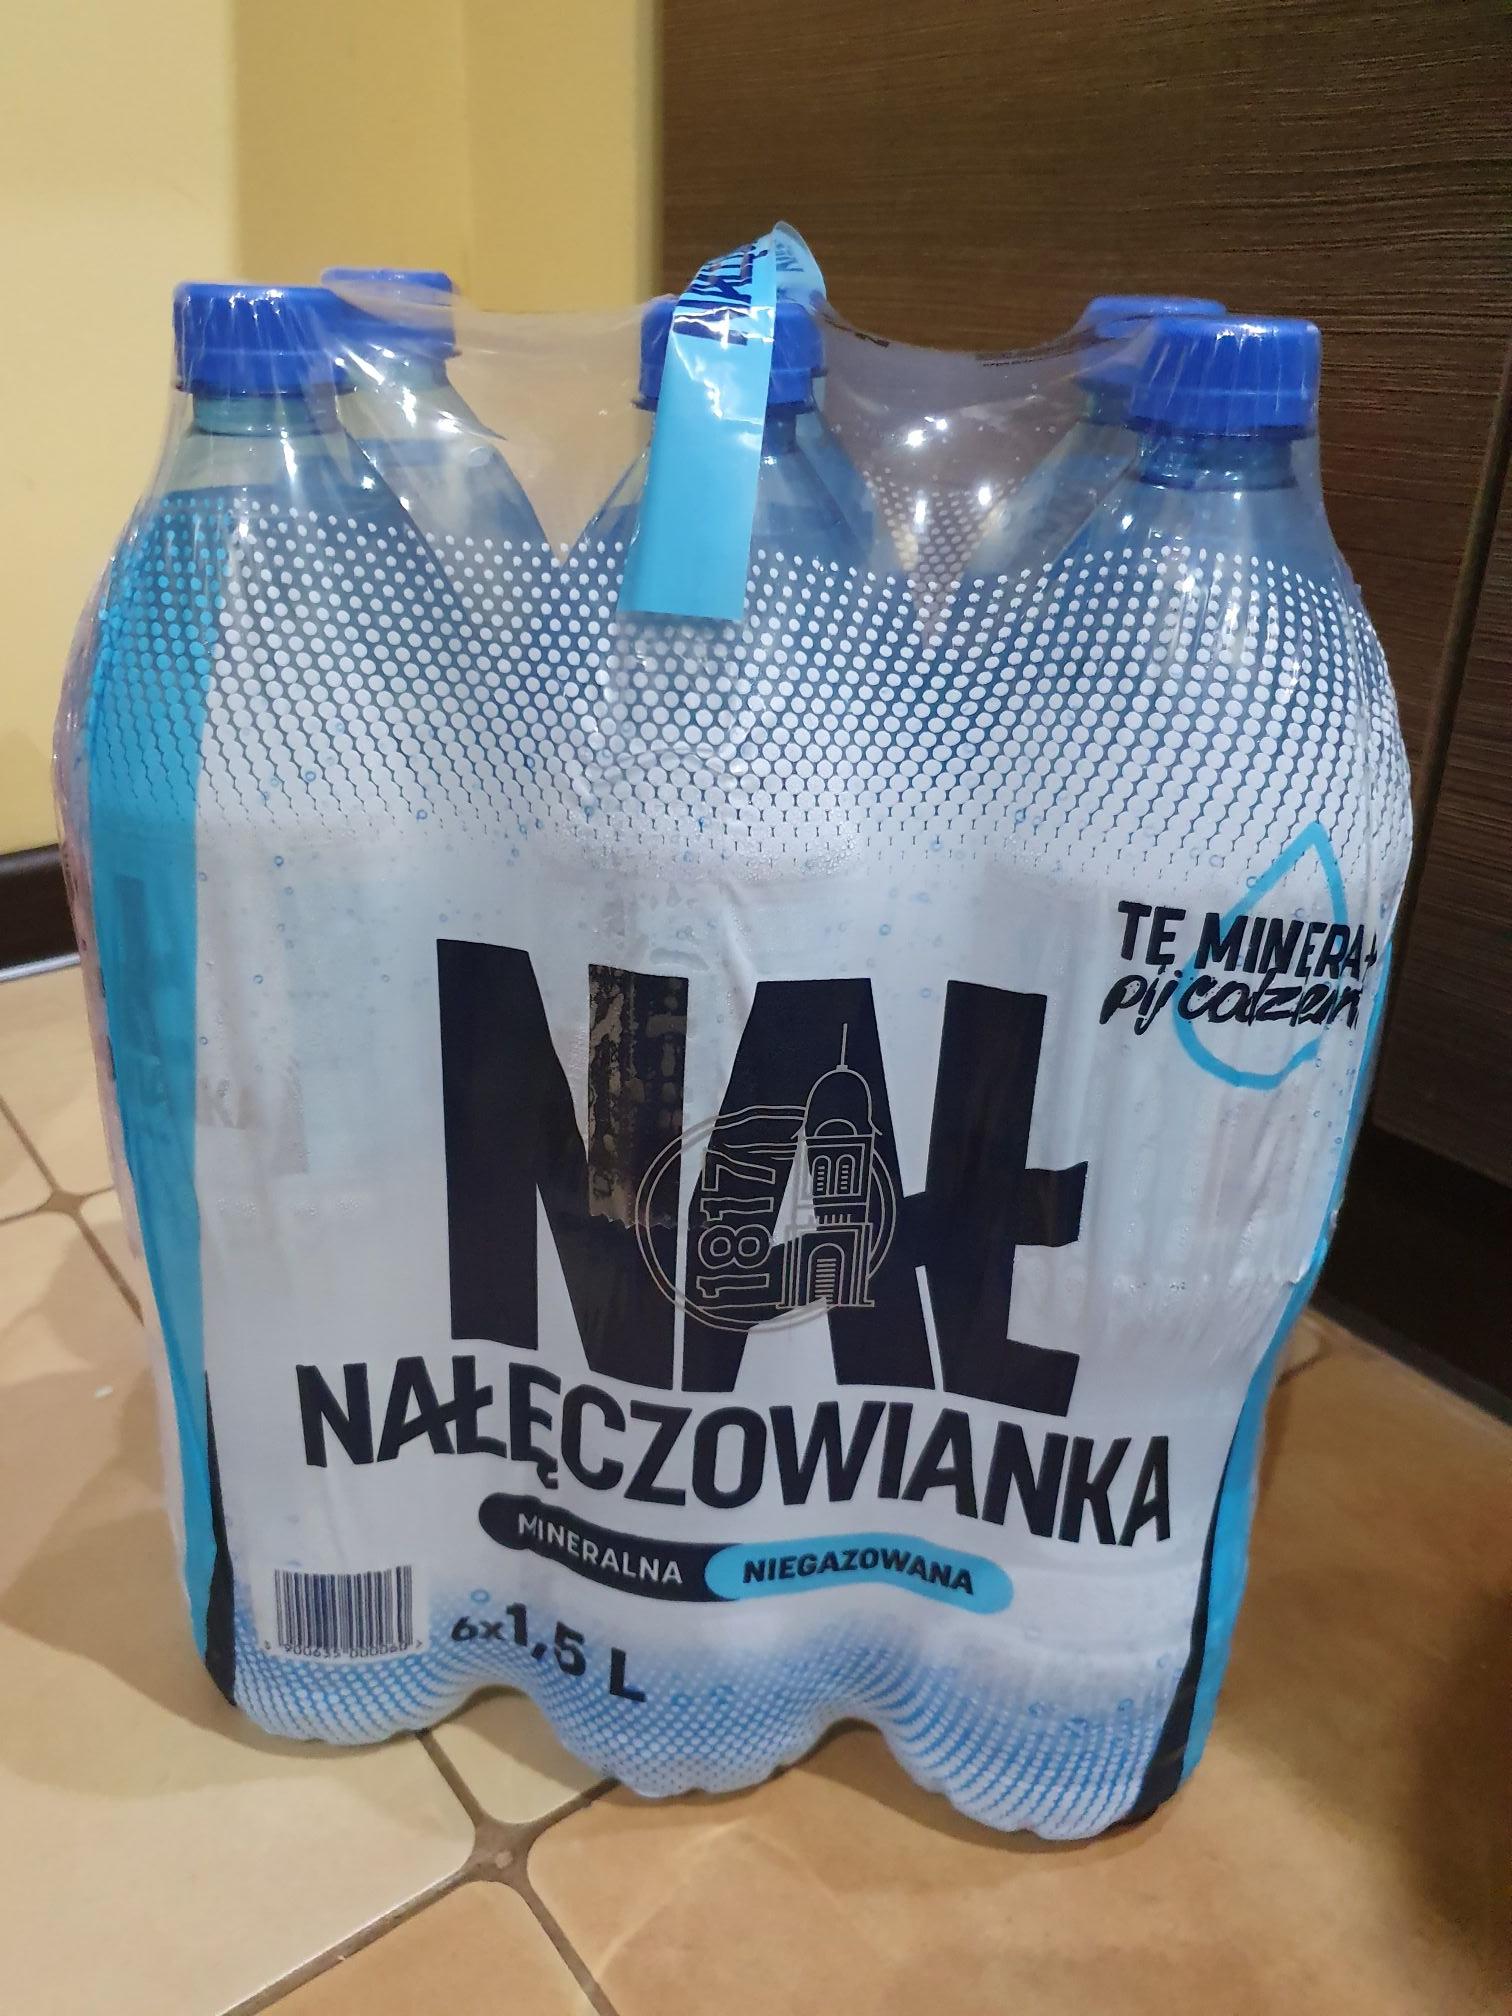 Nałęczowianka 6.99 zł zgrzewka - Frac